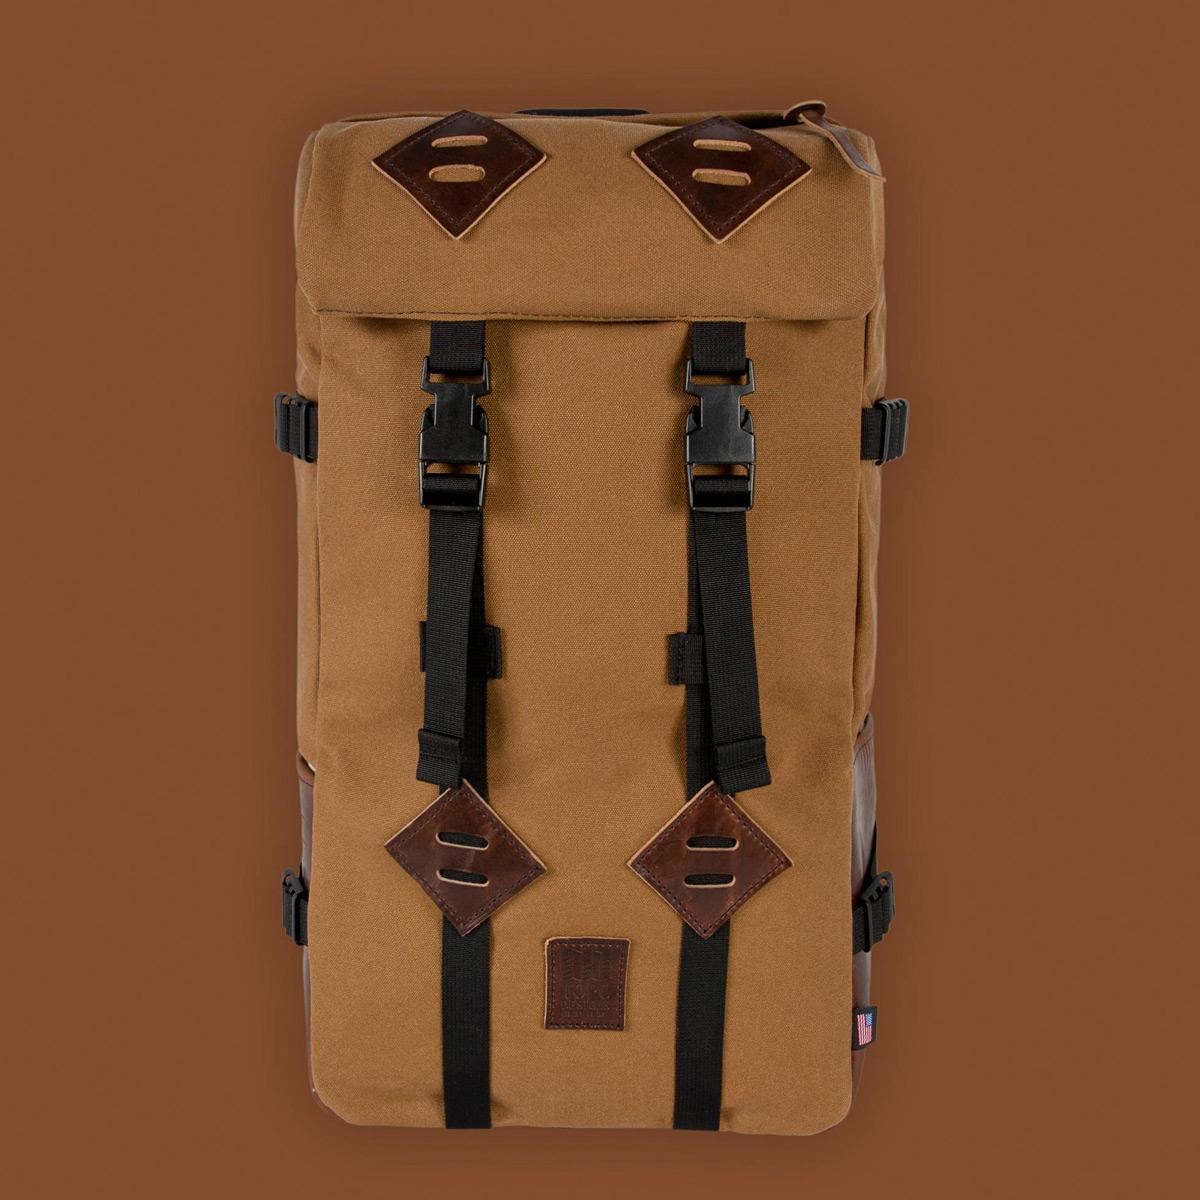 Topo Designs Klettersack Heritage Dark Khaki Canvas/Dark Brown Leather, prachtige rugzak voor mannen en vrouwen